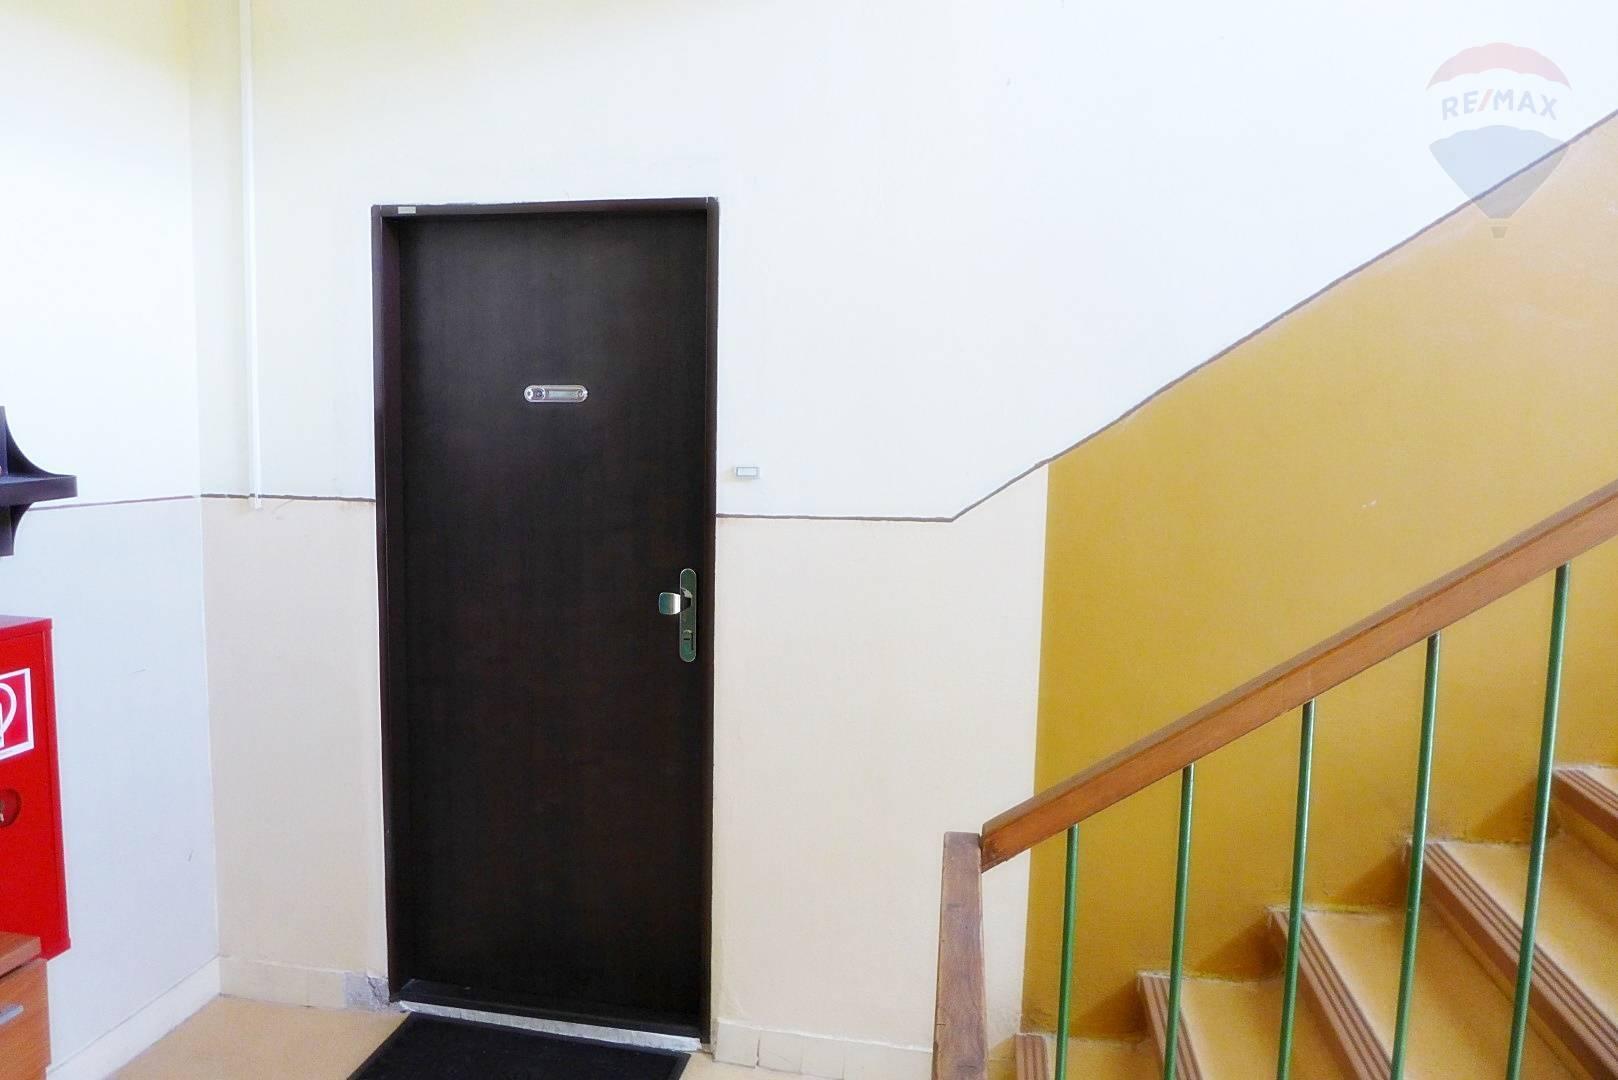 Predaj bytu (2 izbový) 57 m2, Prievidza - 2 izbový byt s balkónom,  57 m2 ul. Košovská cesta - centrum mesta - PRIEVIDZA